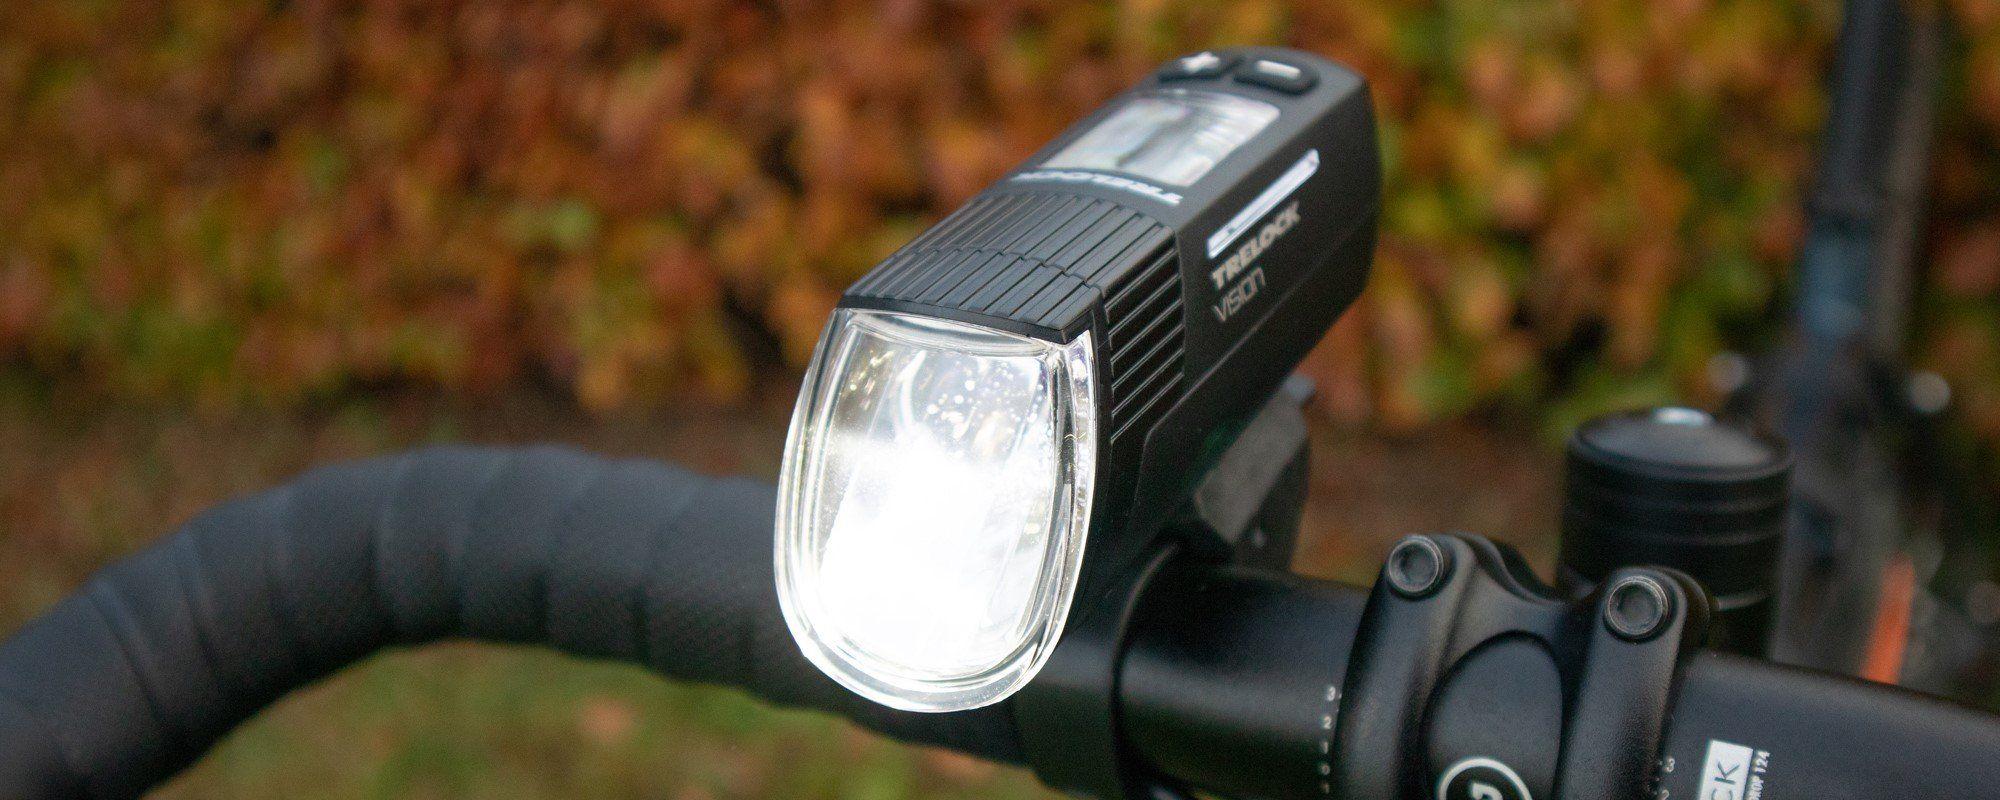 Trelock LS 760 I-Go Vision mit Reego Rücklicht im Test: hellstes Fahrradlicht mit StVZO-Zulassung?